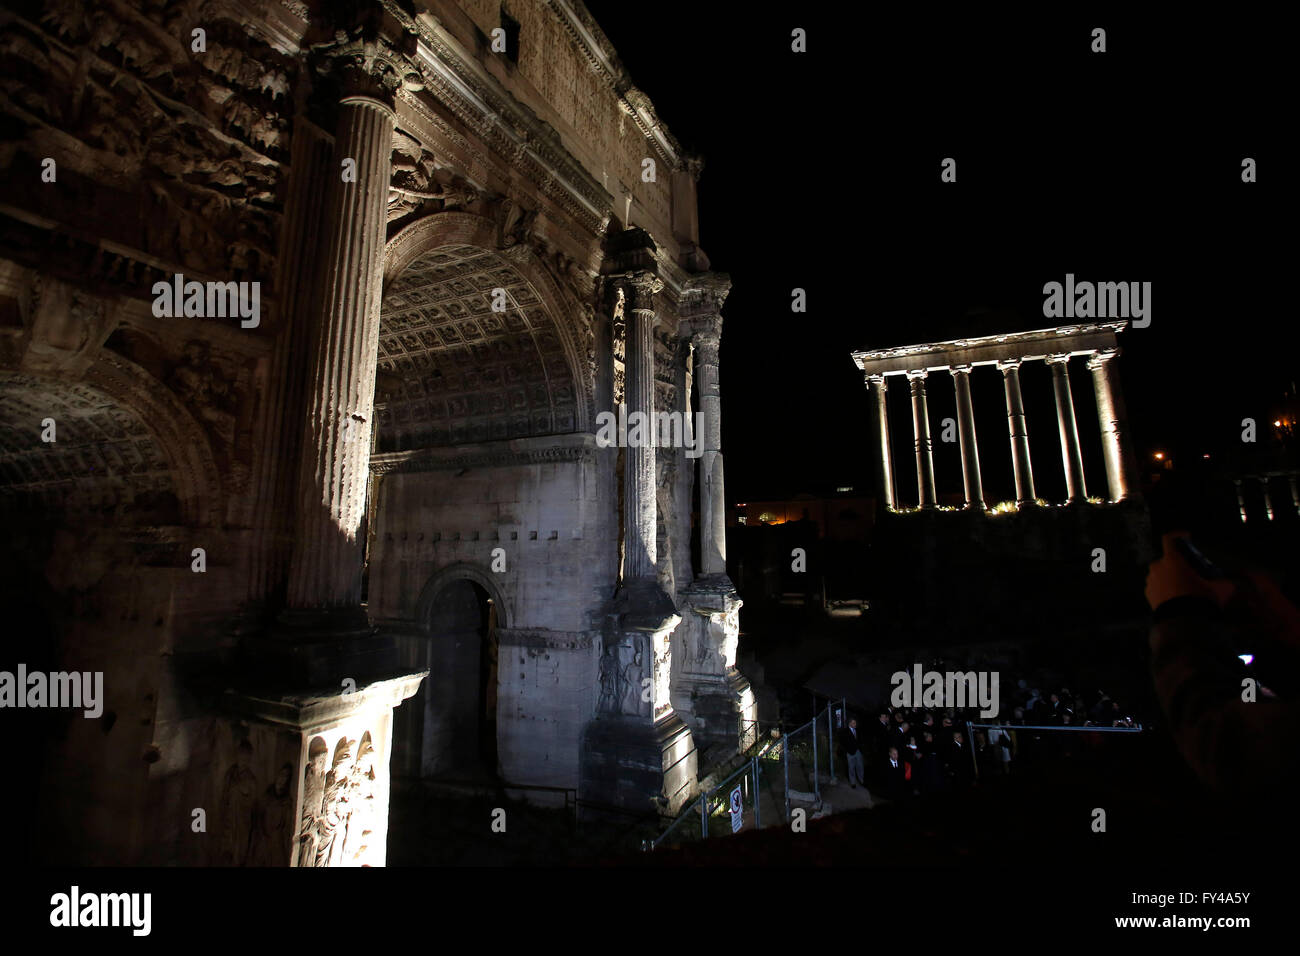 Roma, 21 de abril de 2016. Nueva iluminación para los Foros Imperiales en ocasión del 2.769º aniversario Imagen De Stock